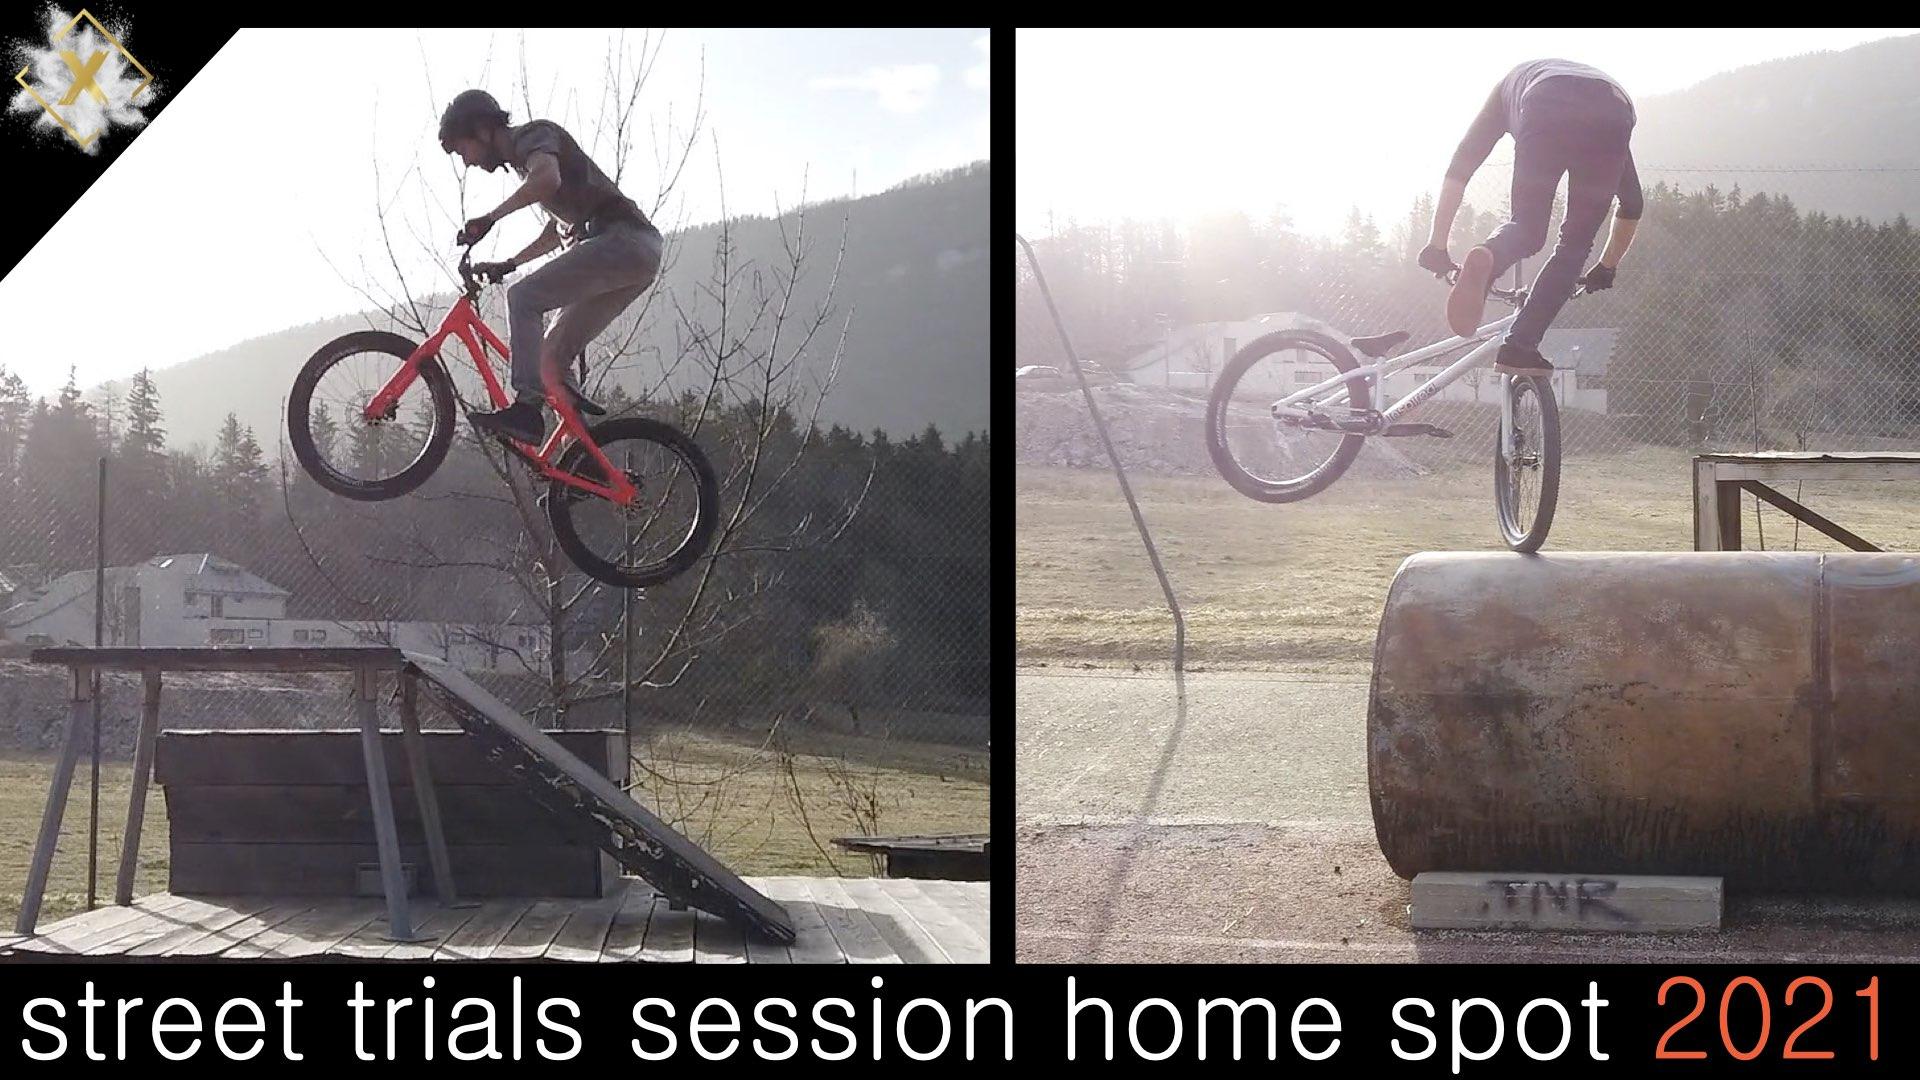 VIDEOS : Entrainement et test des nouveaux vélos. 01 mars 2021